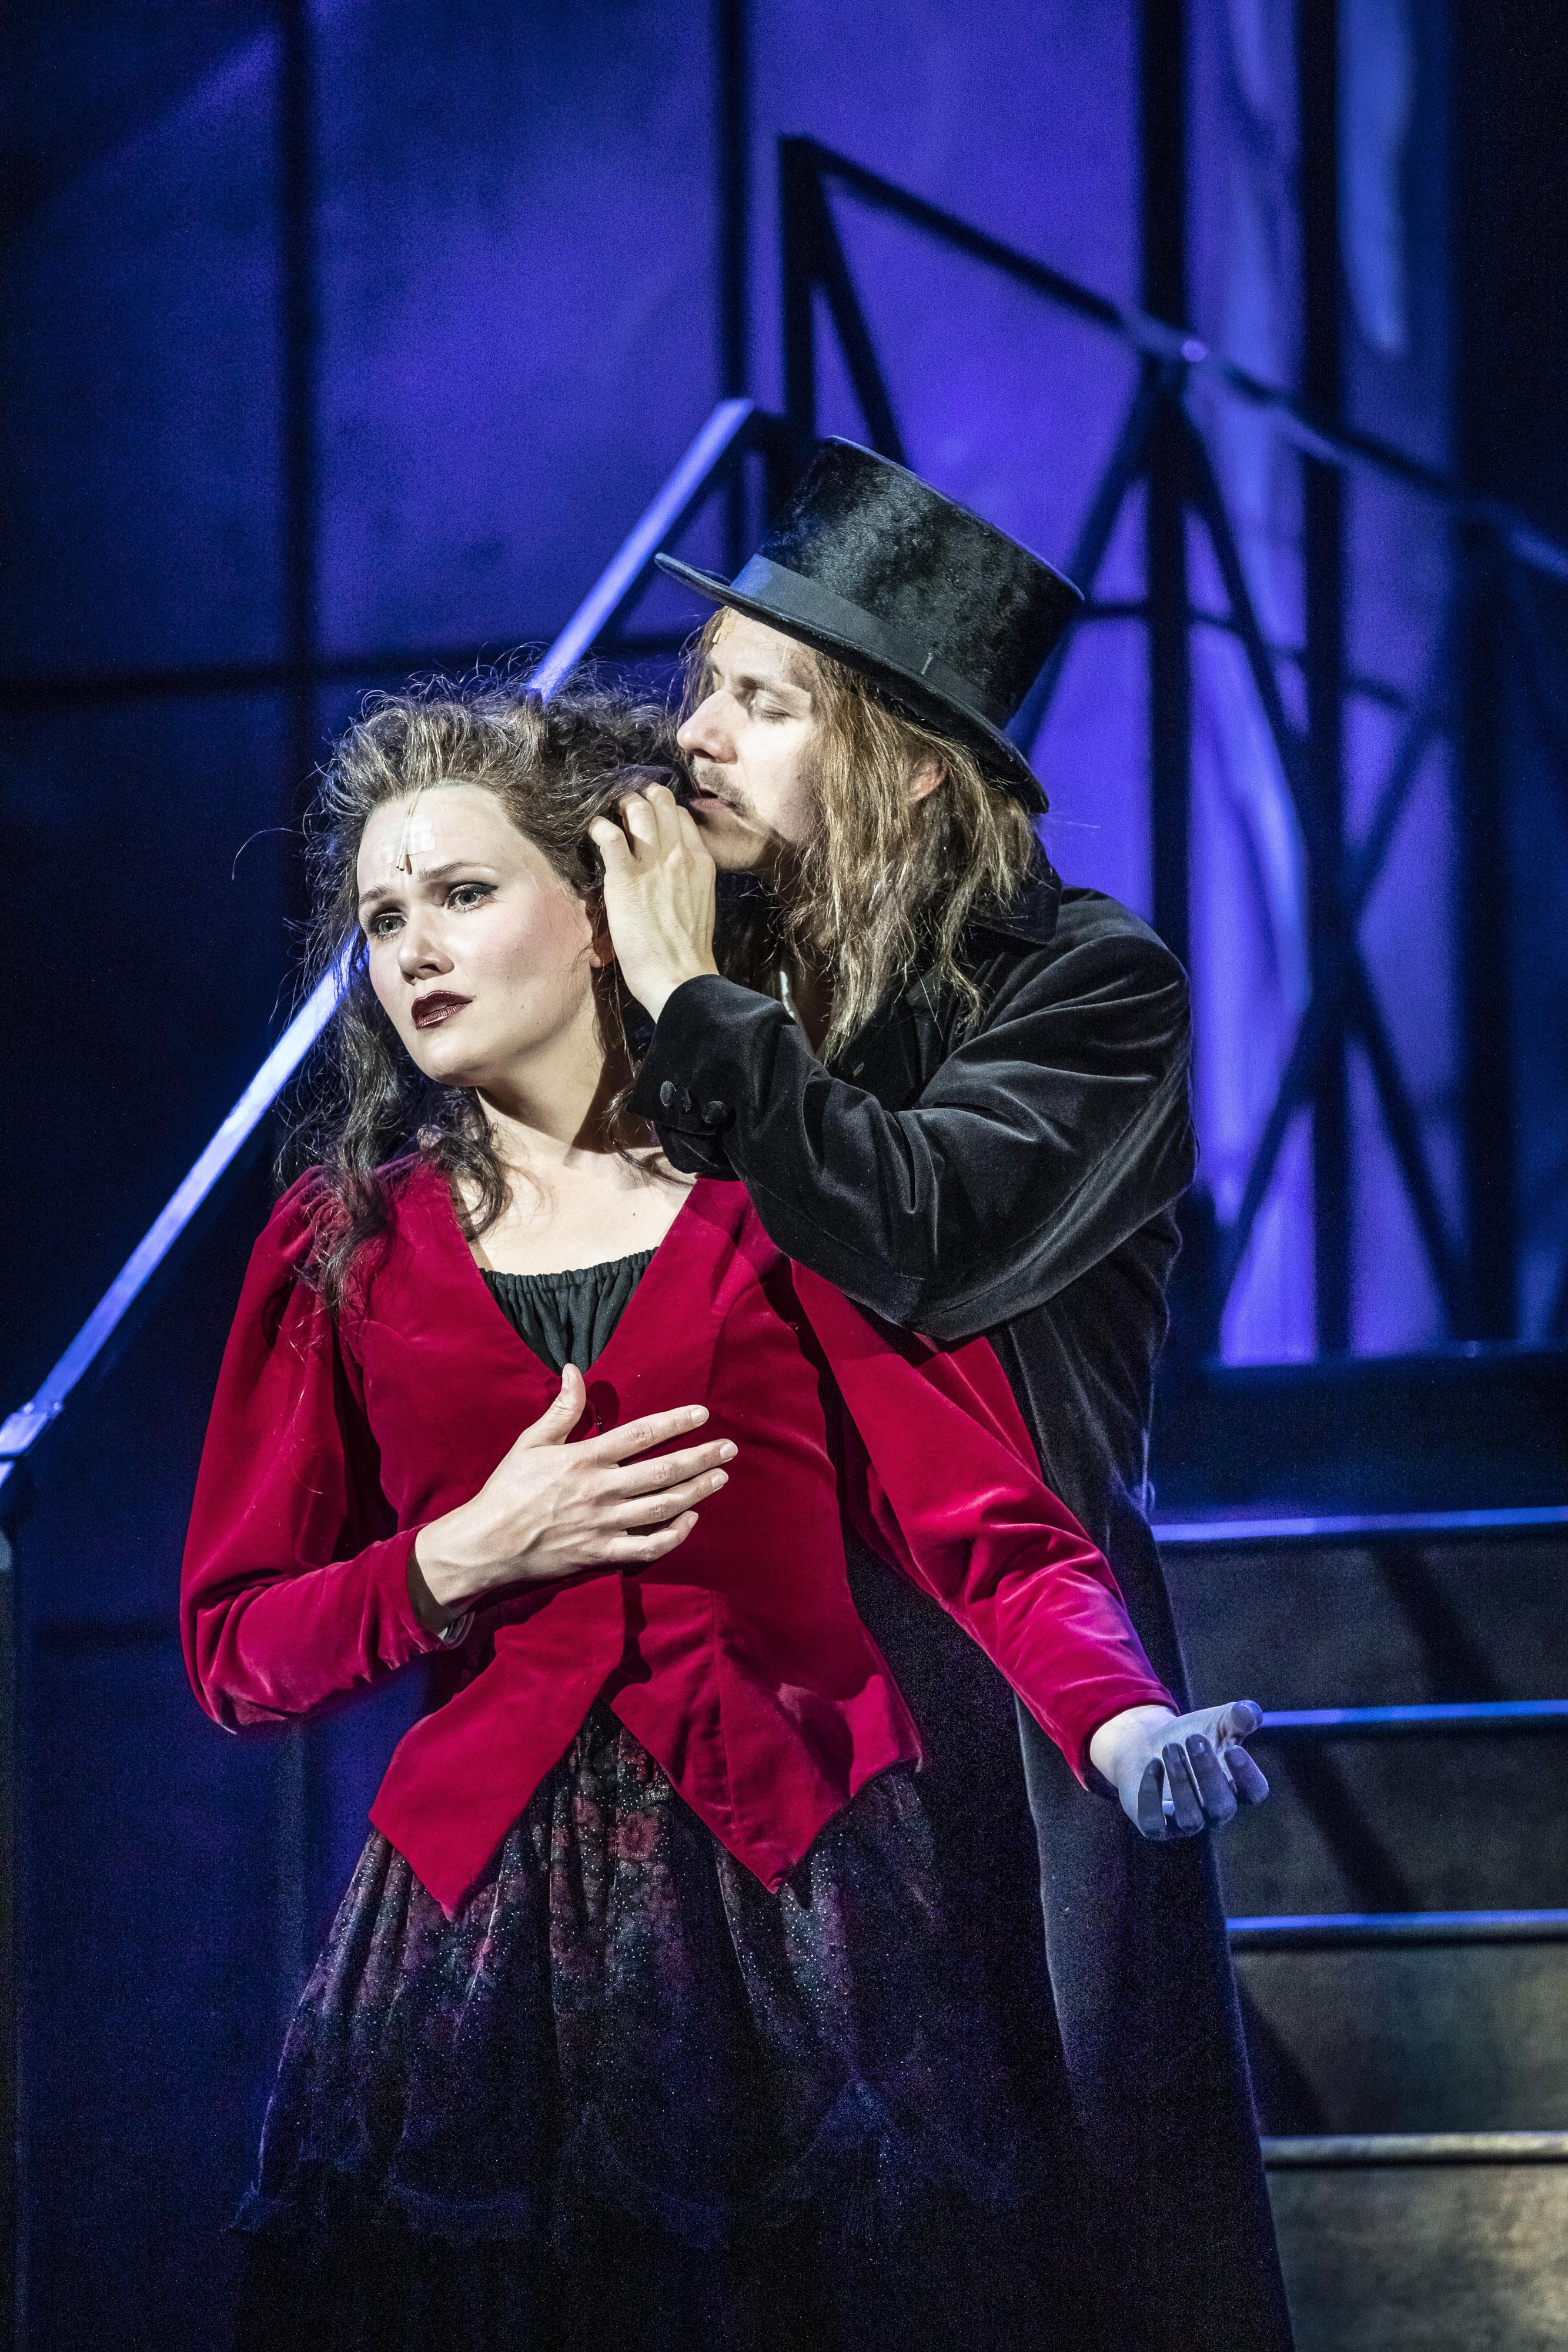 Lahden Kaupunginteatterin Jekyll & Hyde